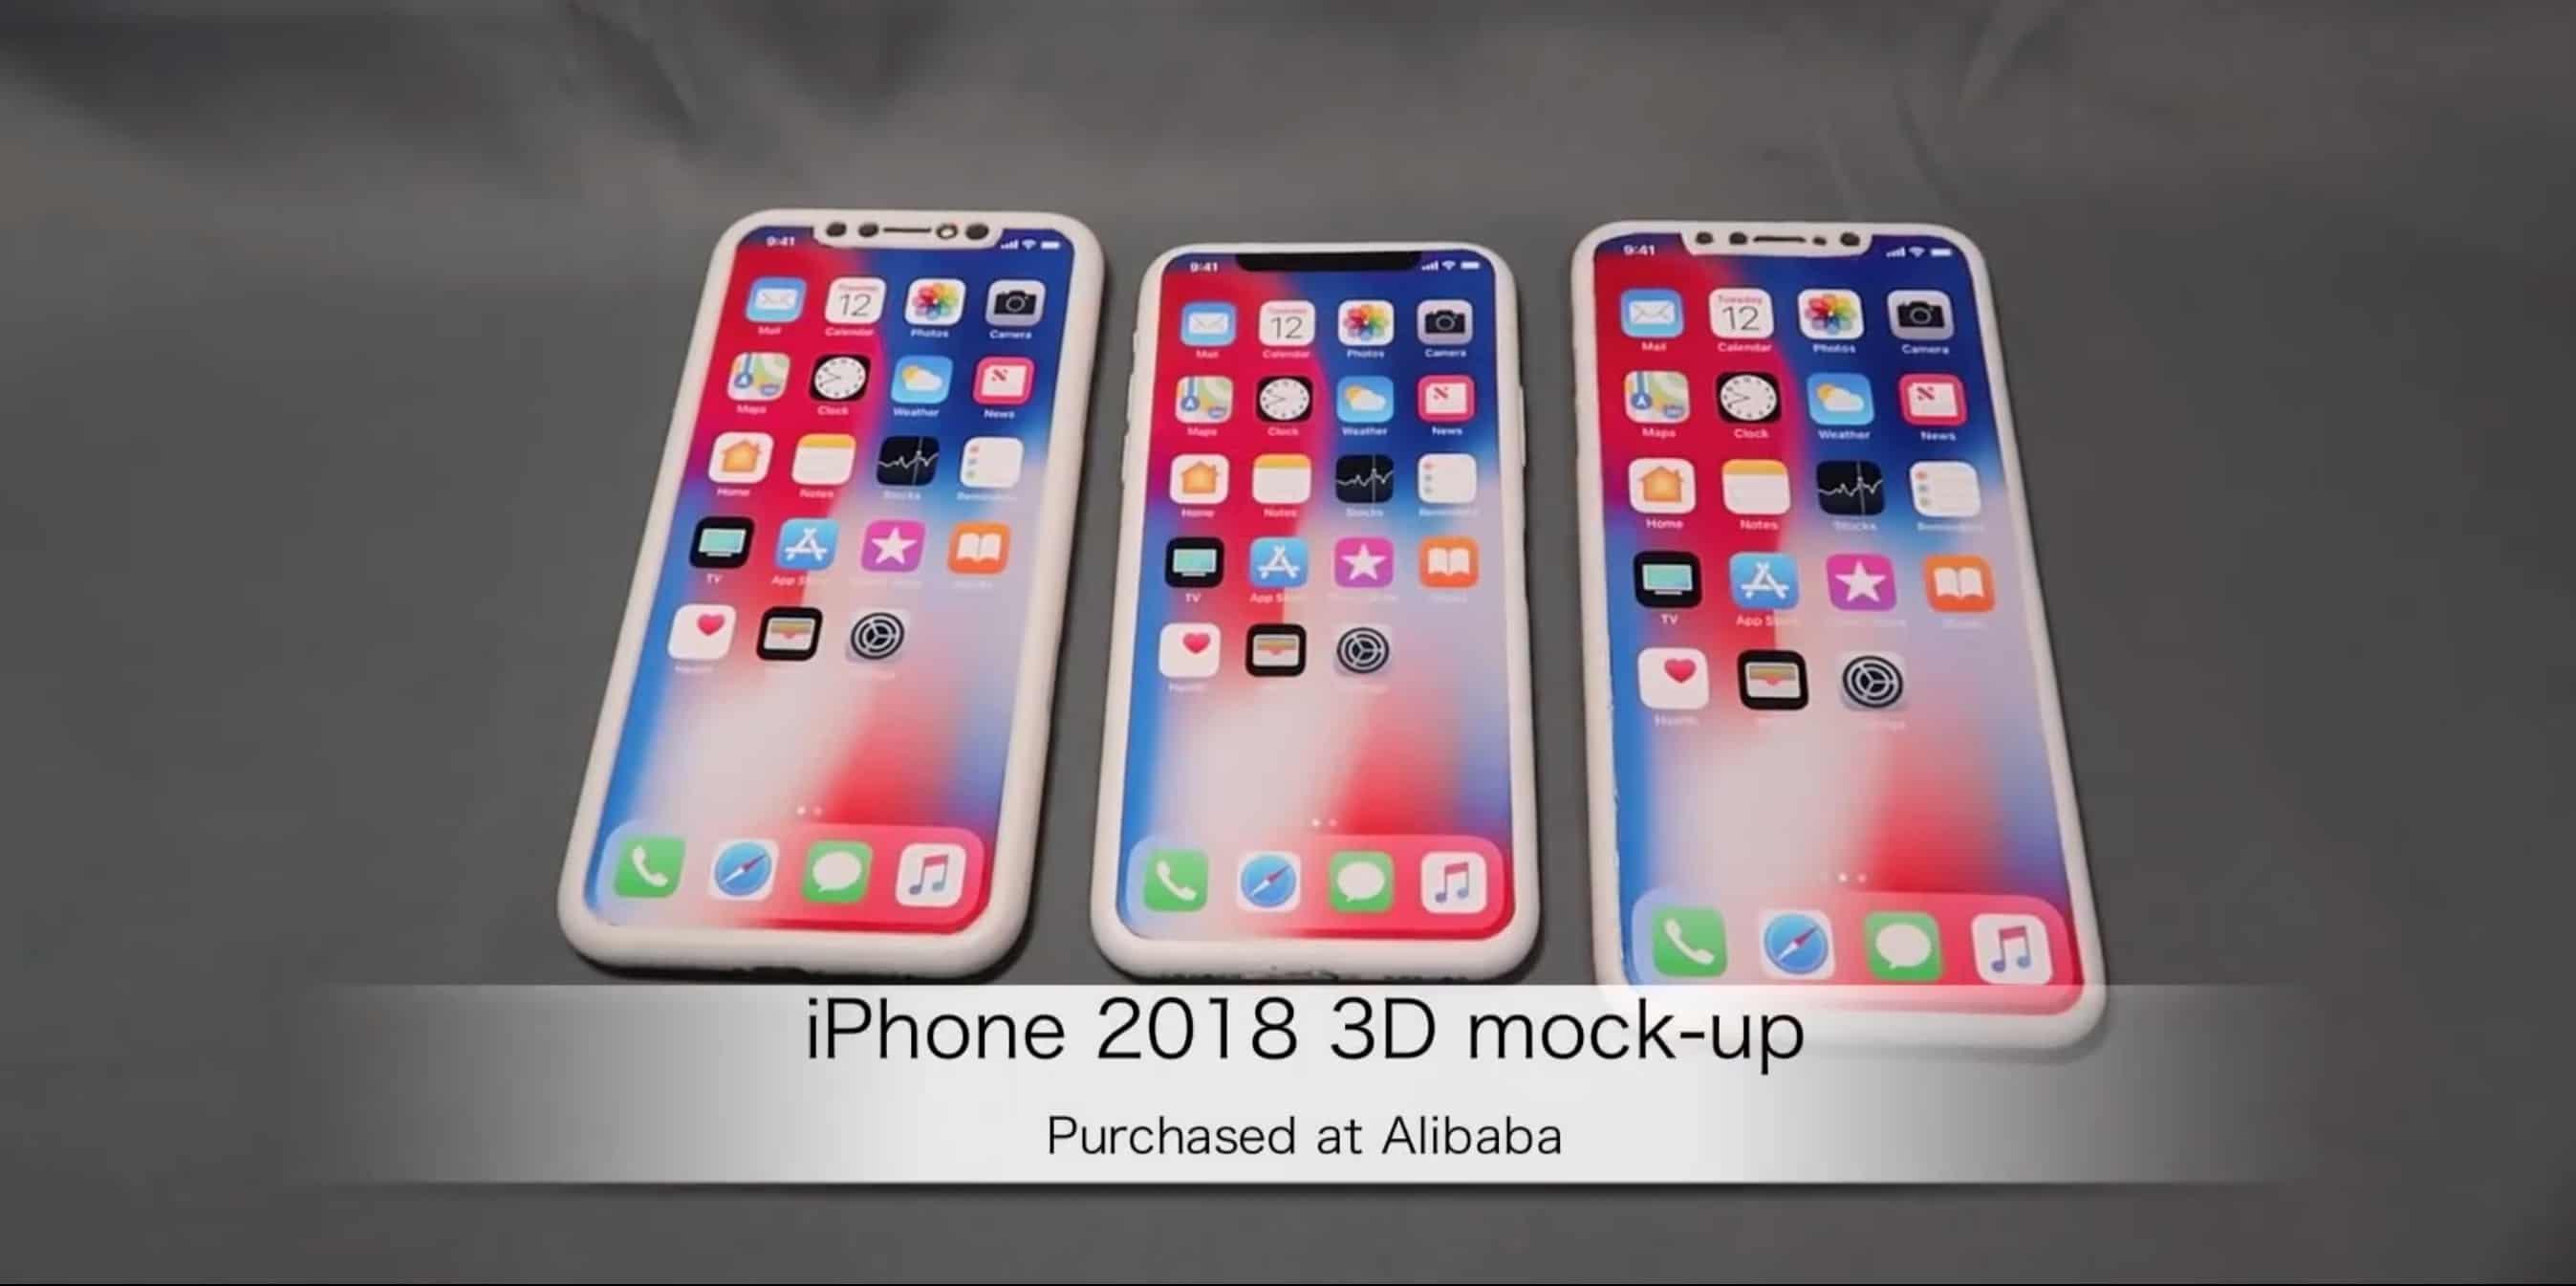 2018 iPhone rumors 3D mockups